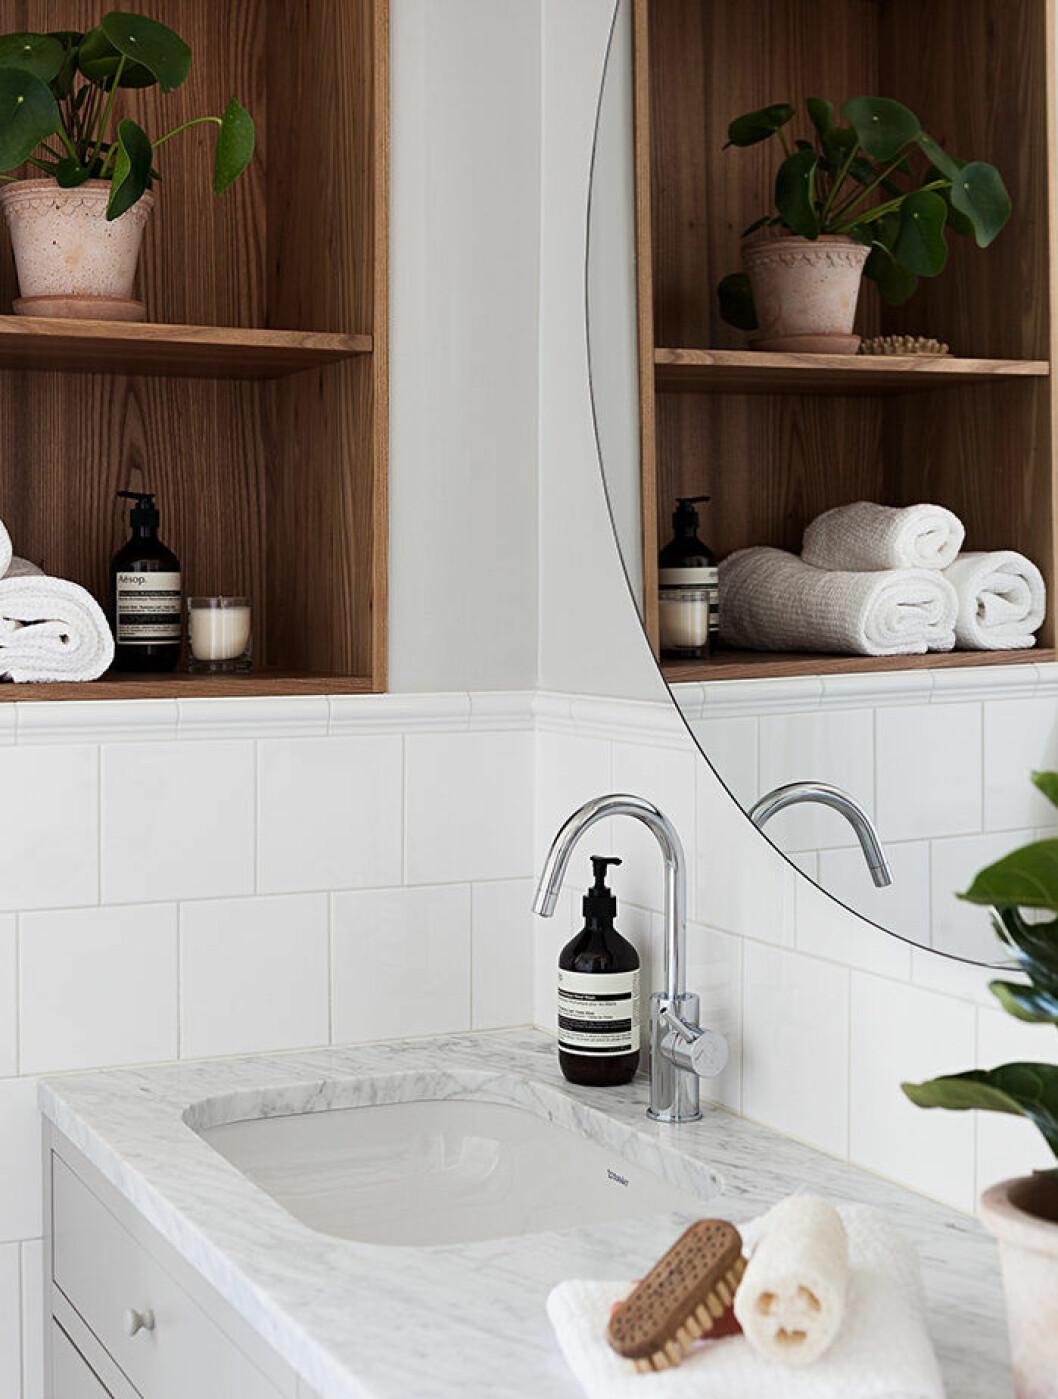 Hotellkänsla i badrummet med lyxiga detaljer